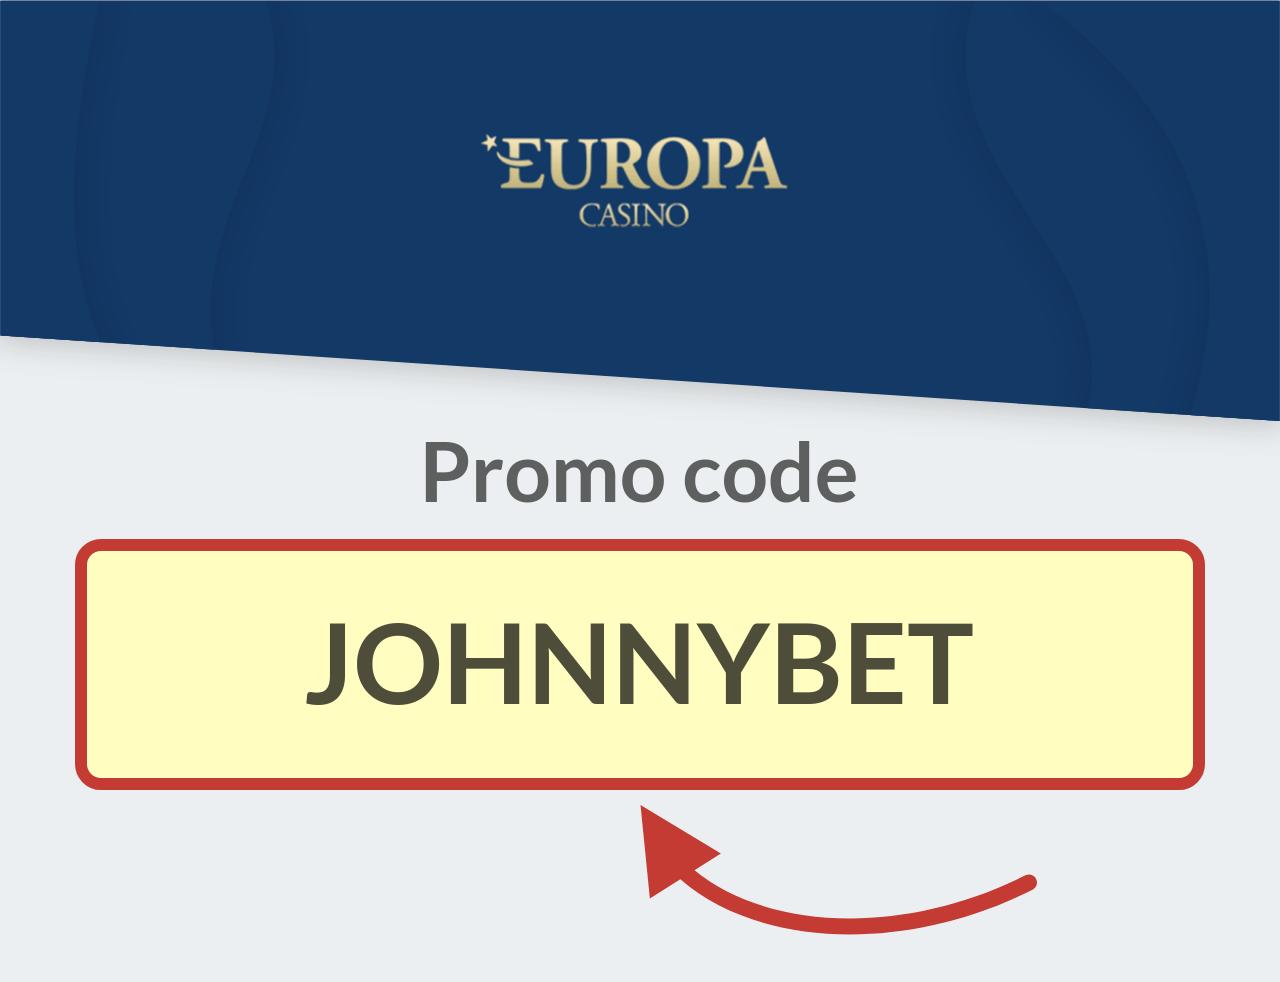 Europa Casino Promo Code